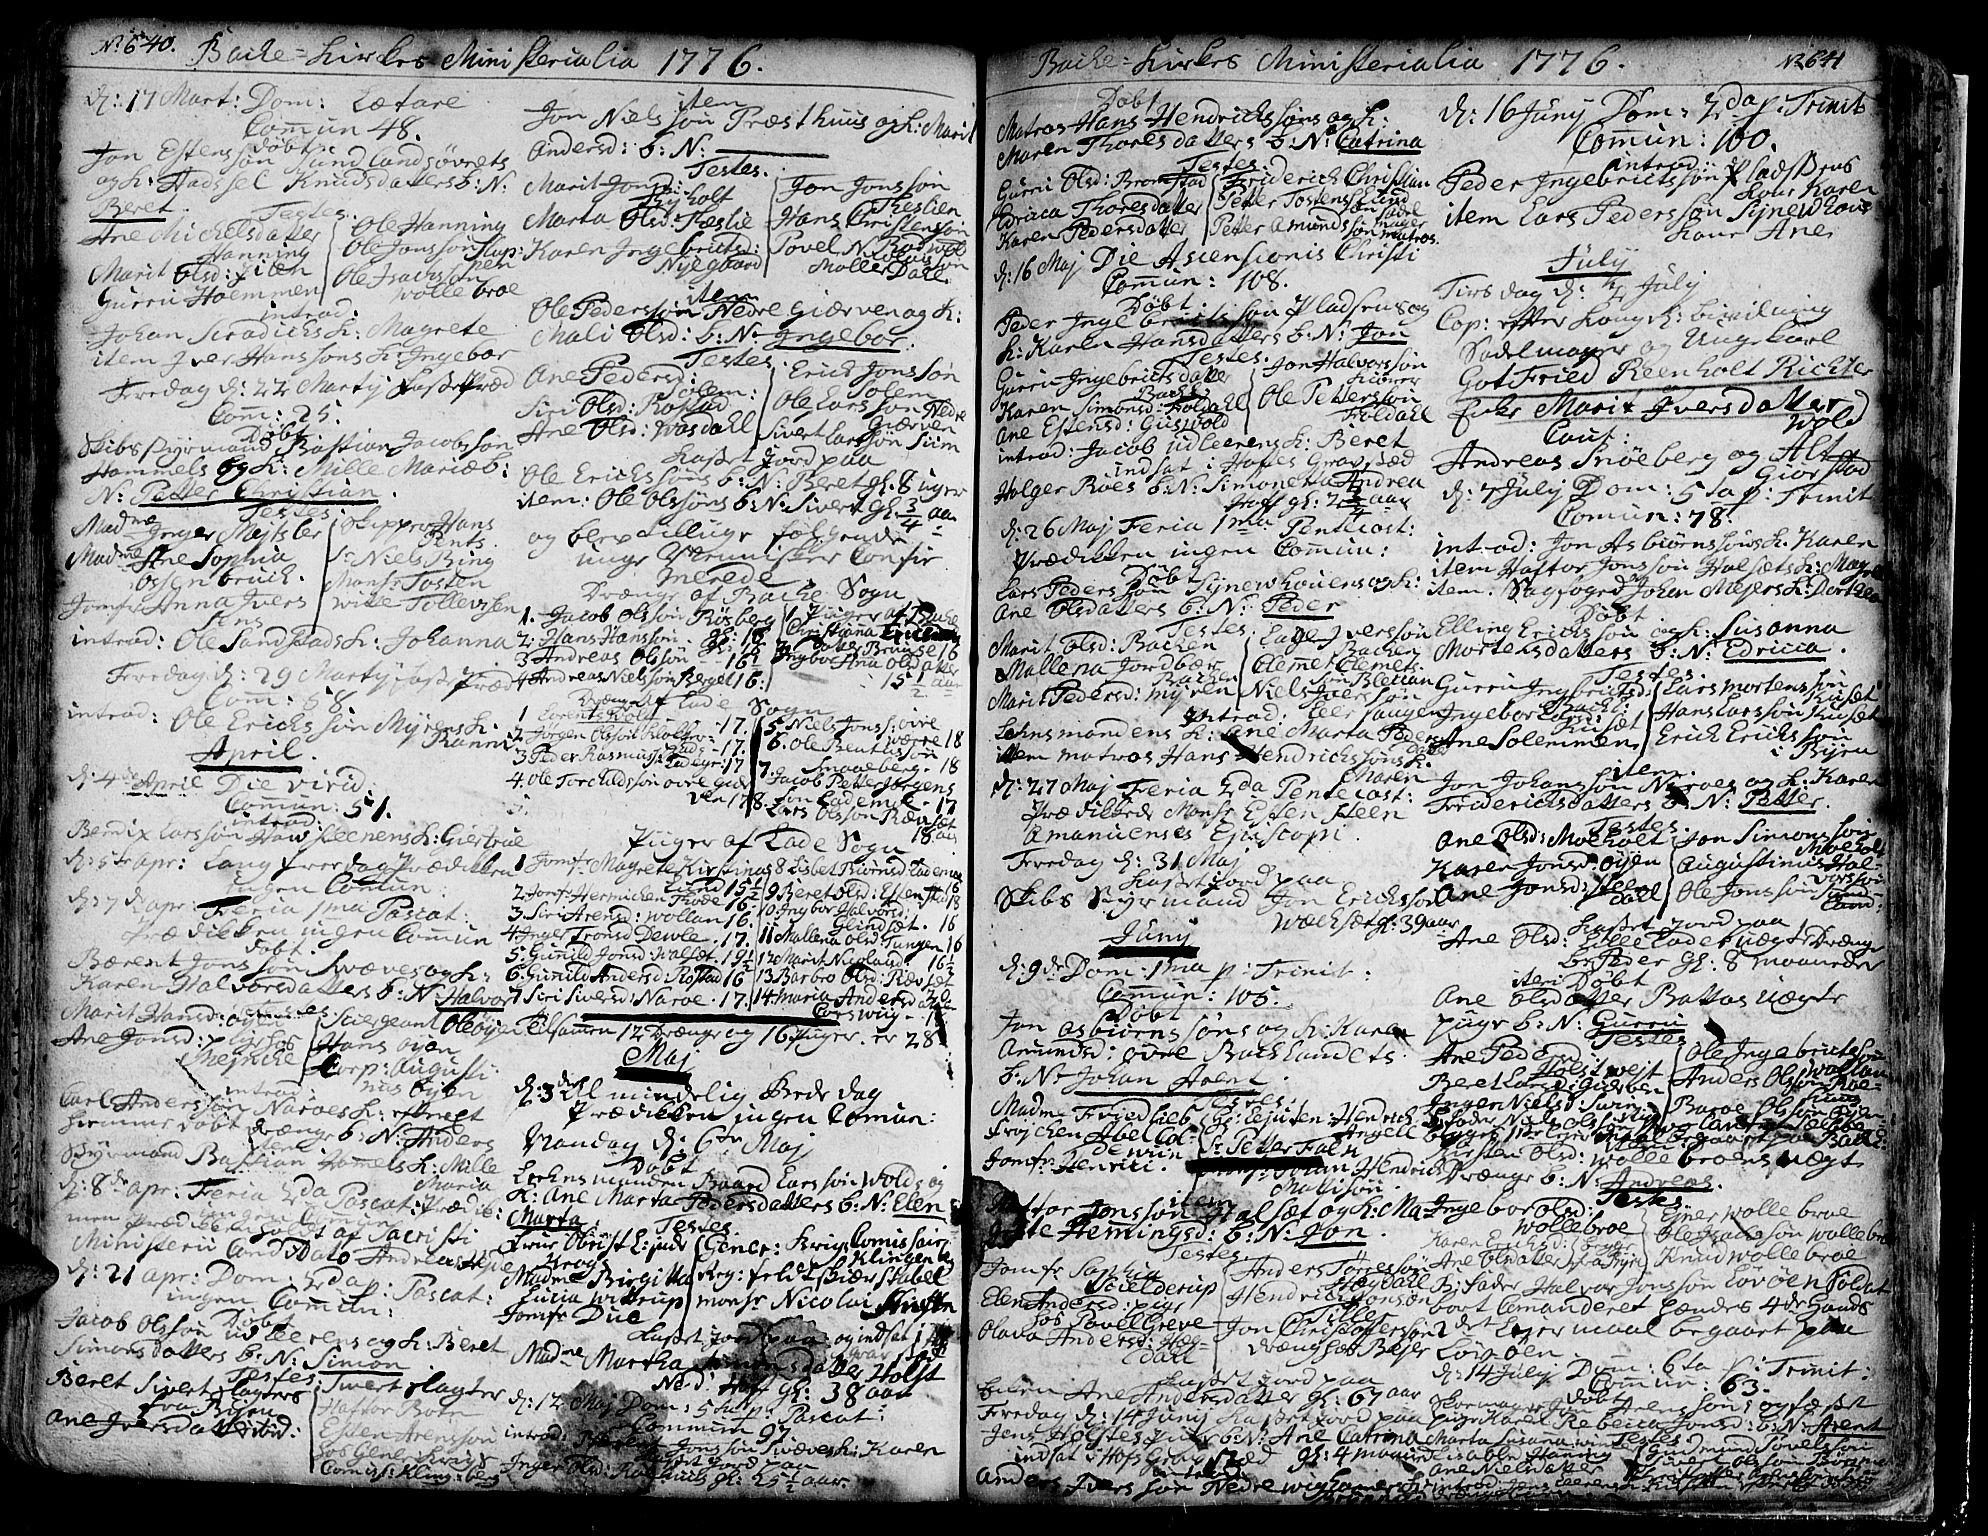 SAT, Ministerialprotokoller, klokkerbøker og fødselsregistre - Sør-Trøndelag, 606/L0276: Ministerialbok nr. 606A01 /2, 1727-1779, s. 640-641